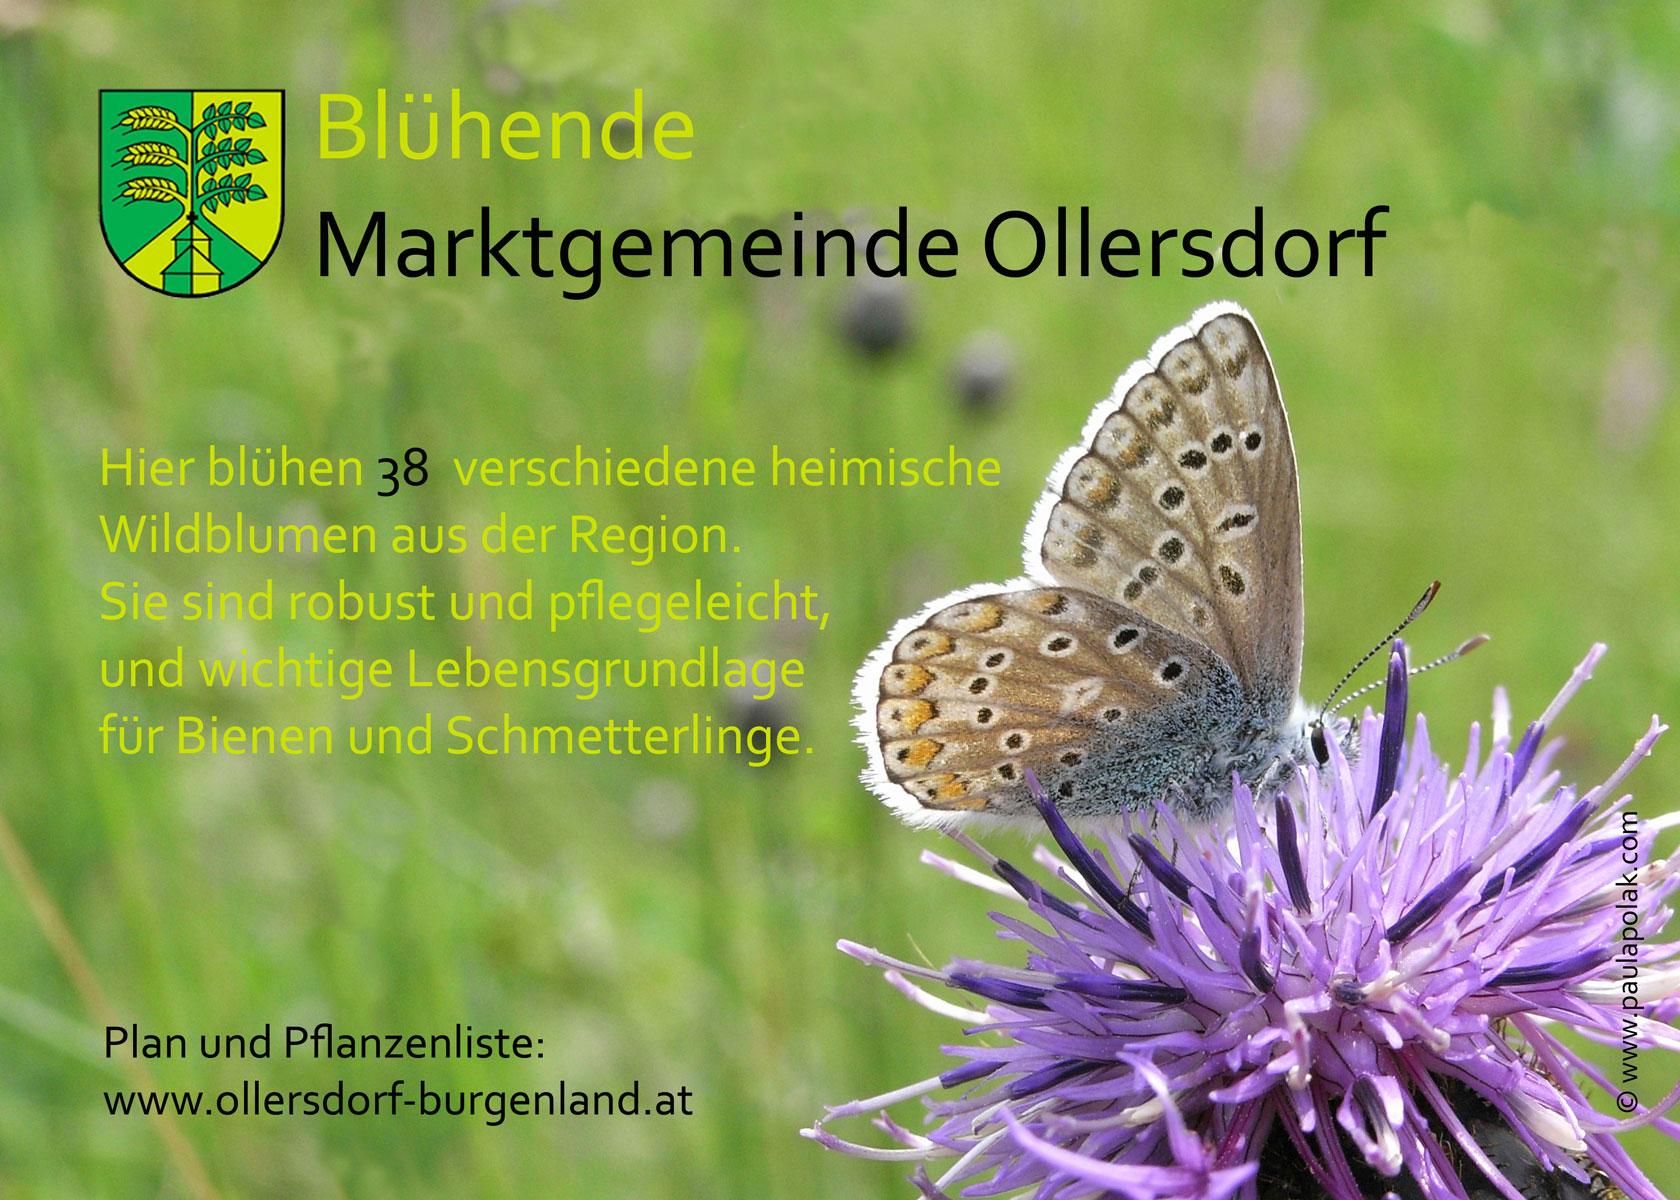 Blühende Marktgemeinde Ollersdorf